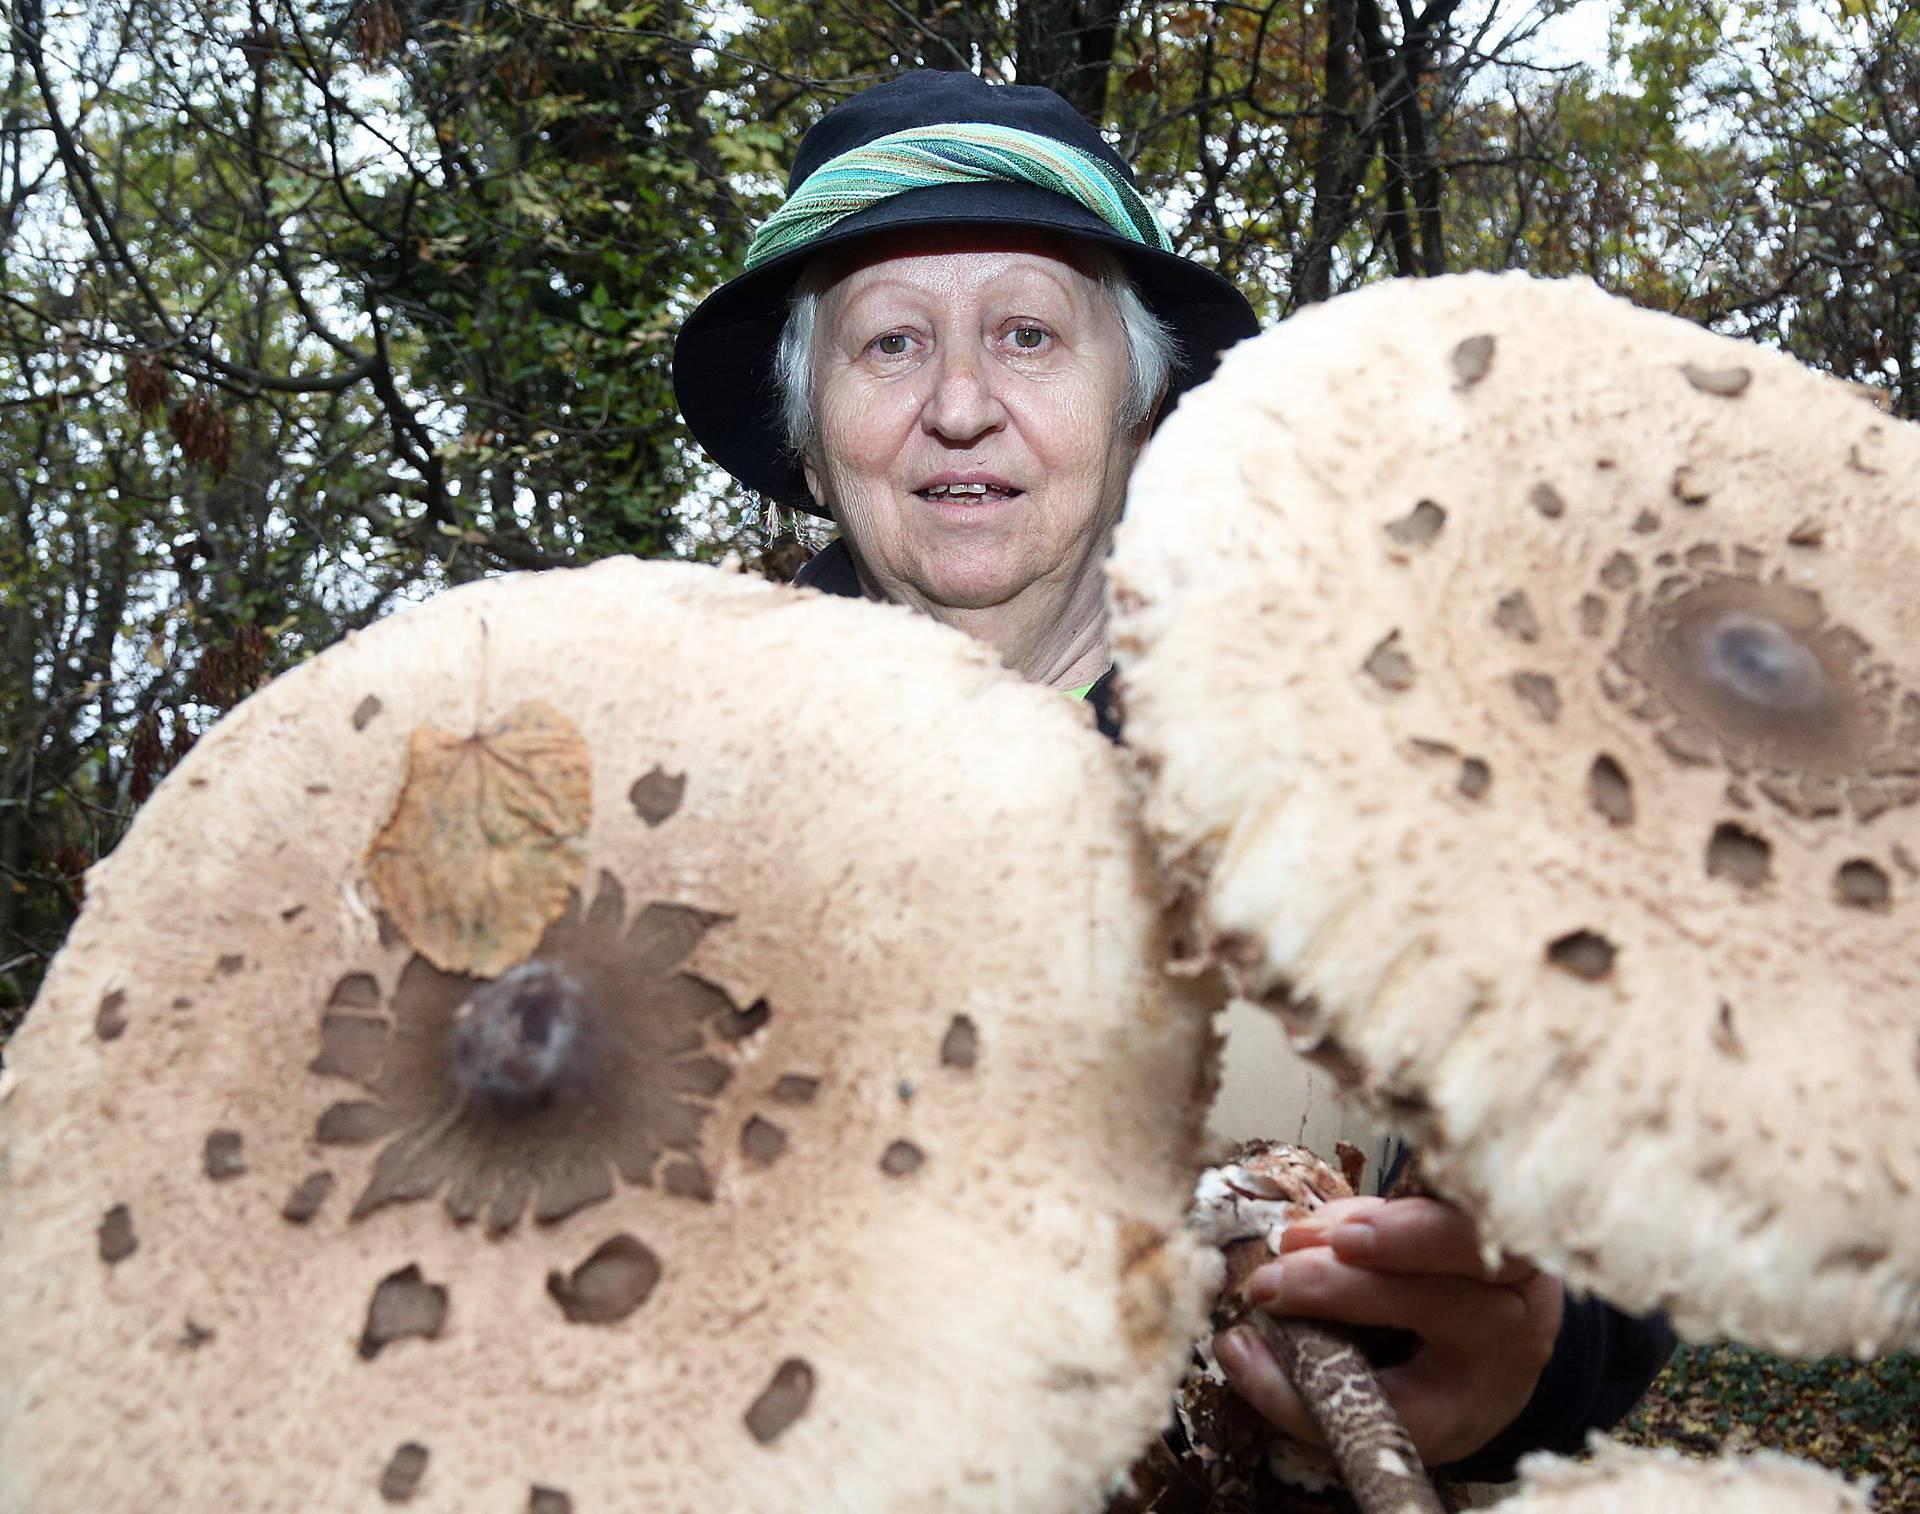 'Gljive mogu biti kobne. Spasila sam već najmanje 40 života... '